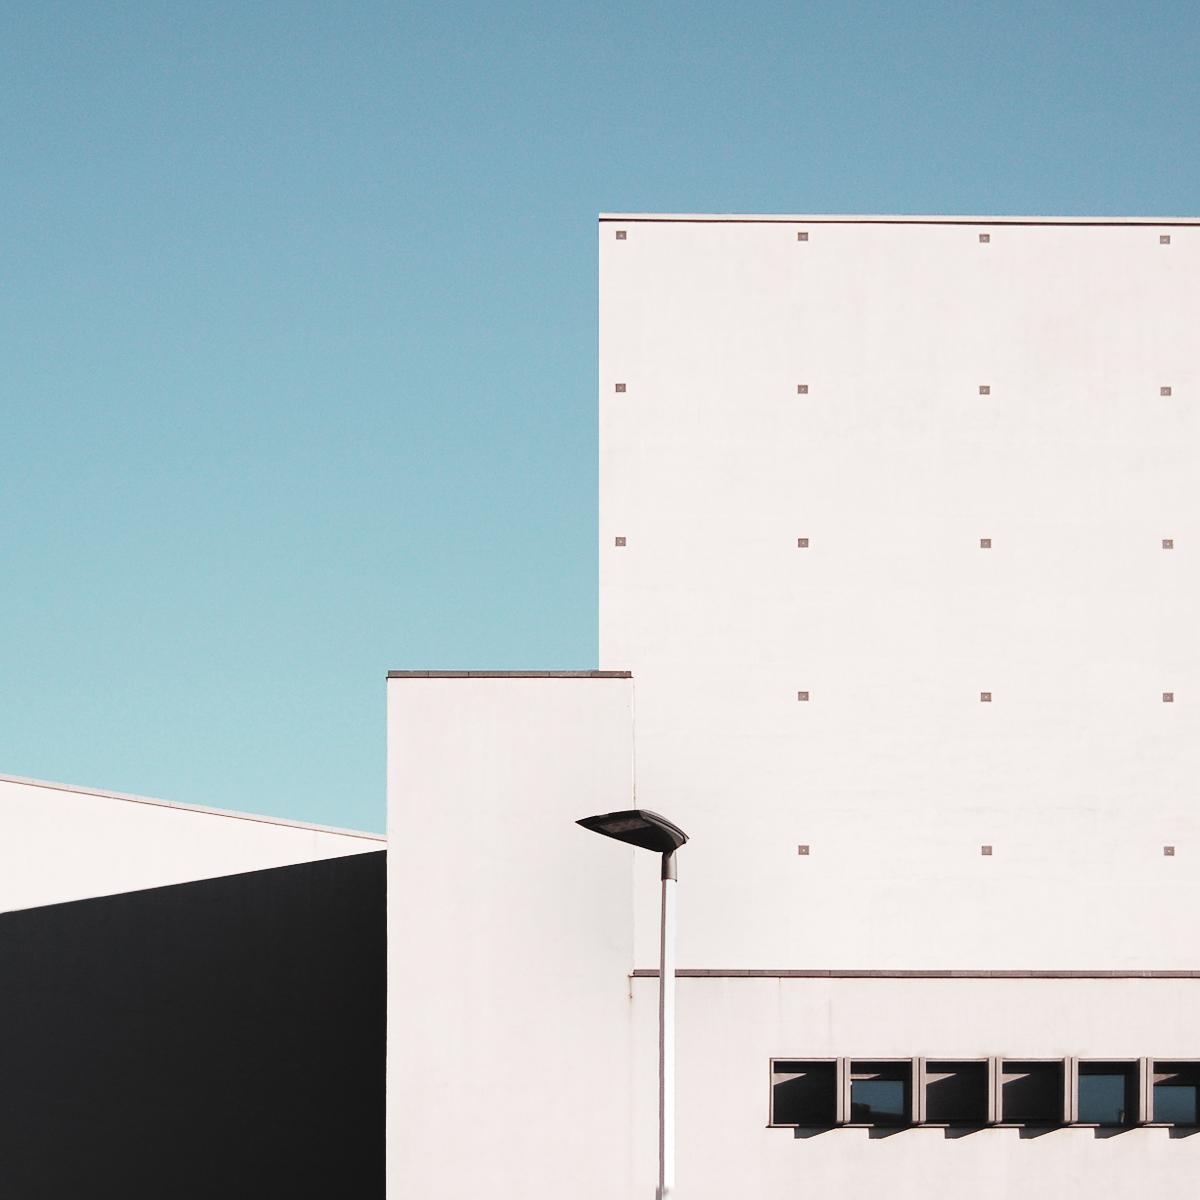 Unknown Geometries / Giorgio Stefanoni (11)